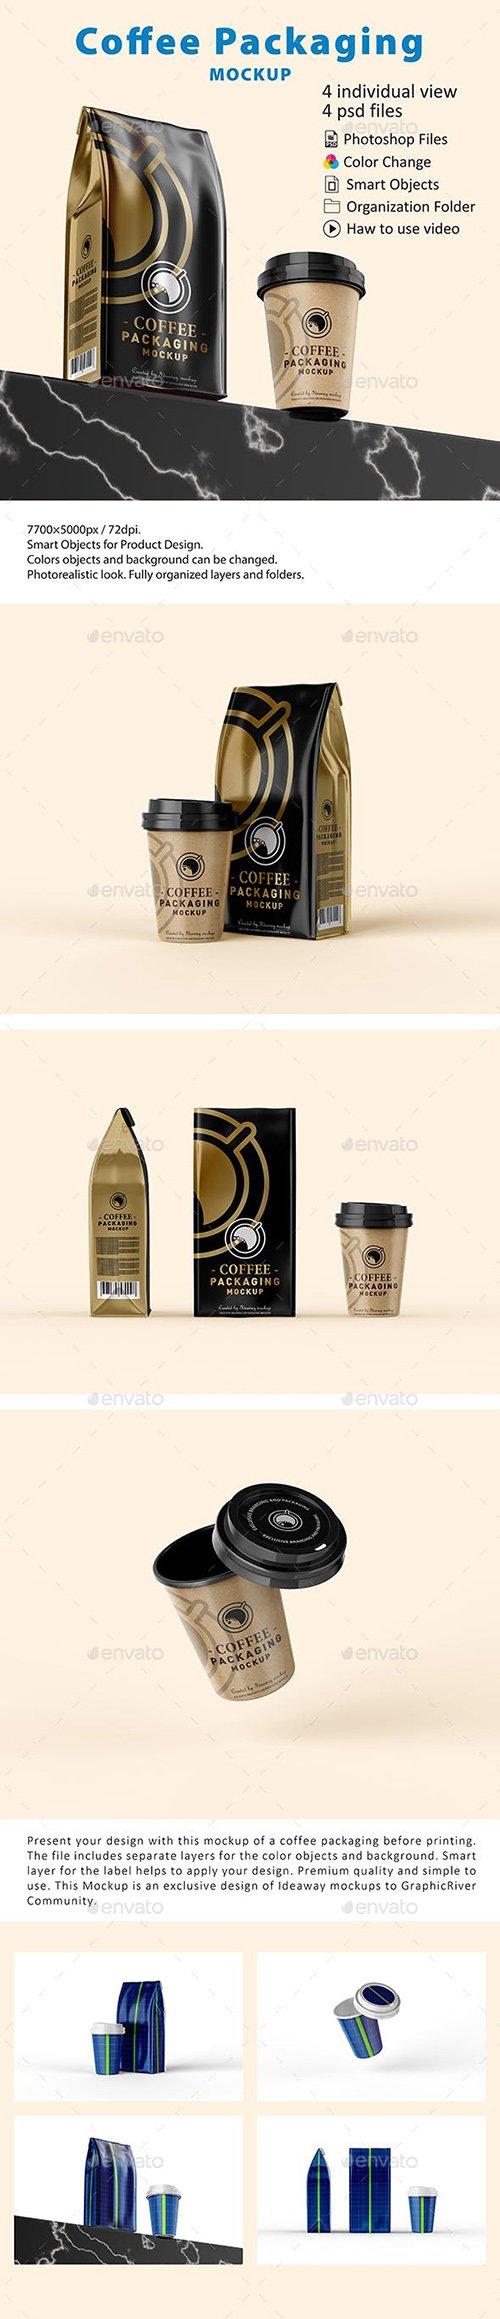 GR - Coffee Packaging Mockup 23070736